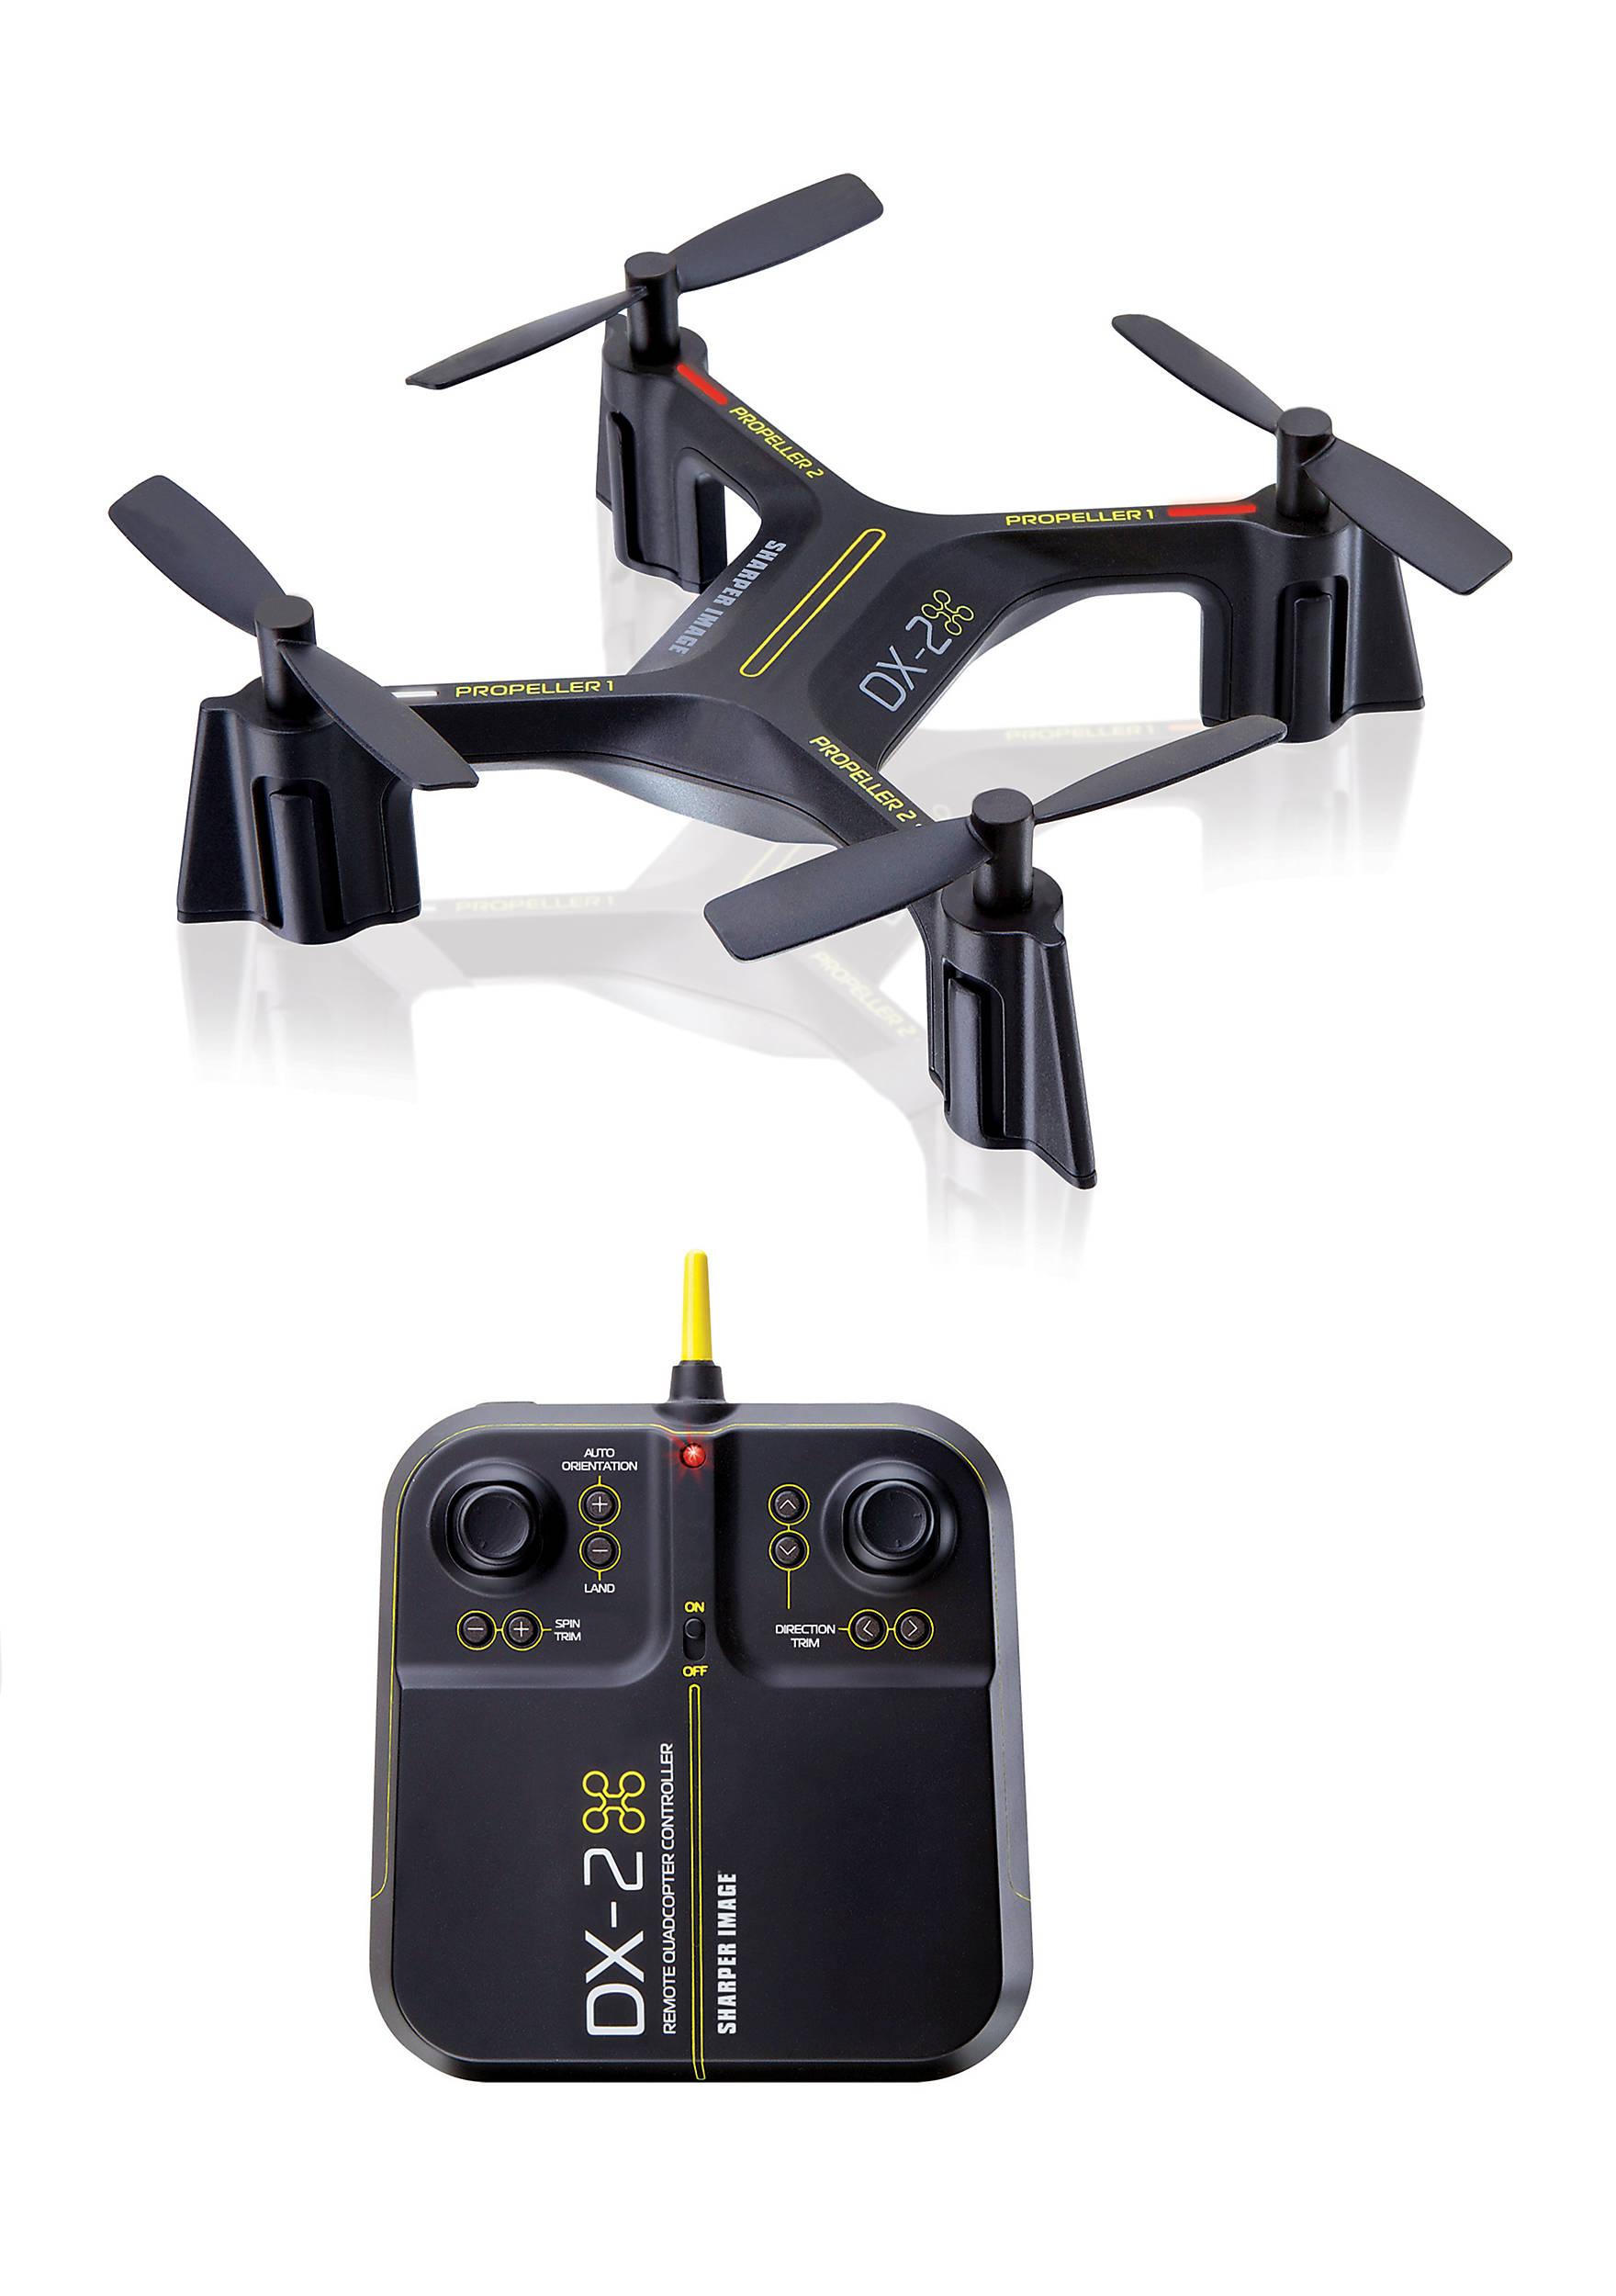 Sharper Image RC Nighthawk Drone